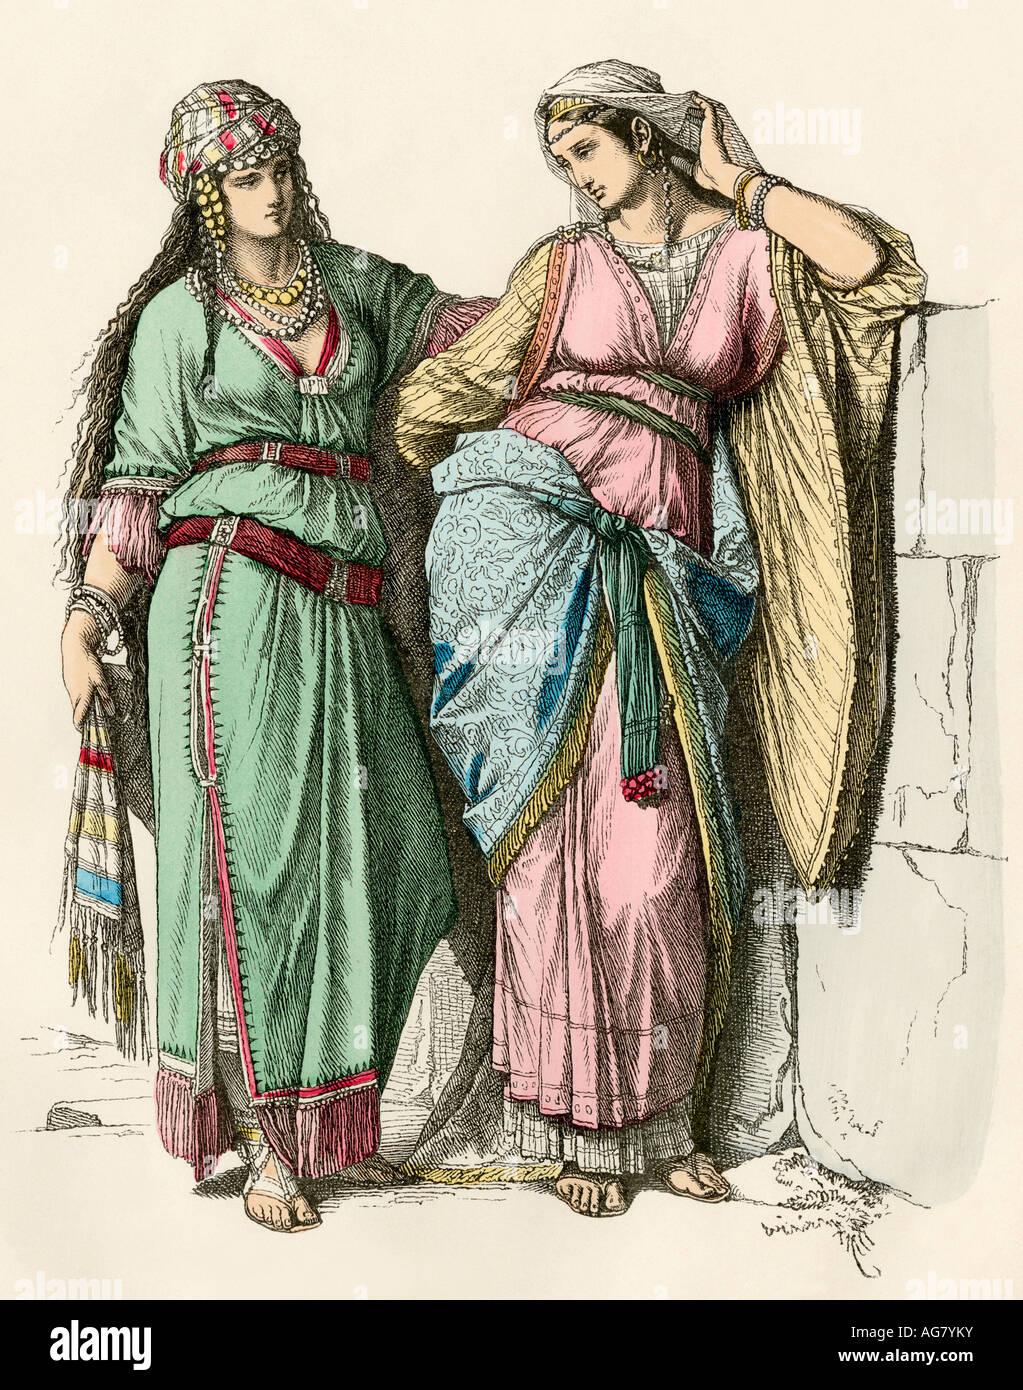 Ancient hebrew clothing publicscrutiny Images